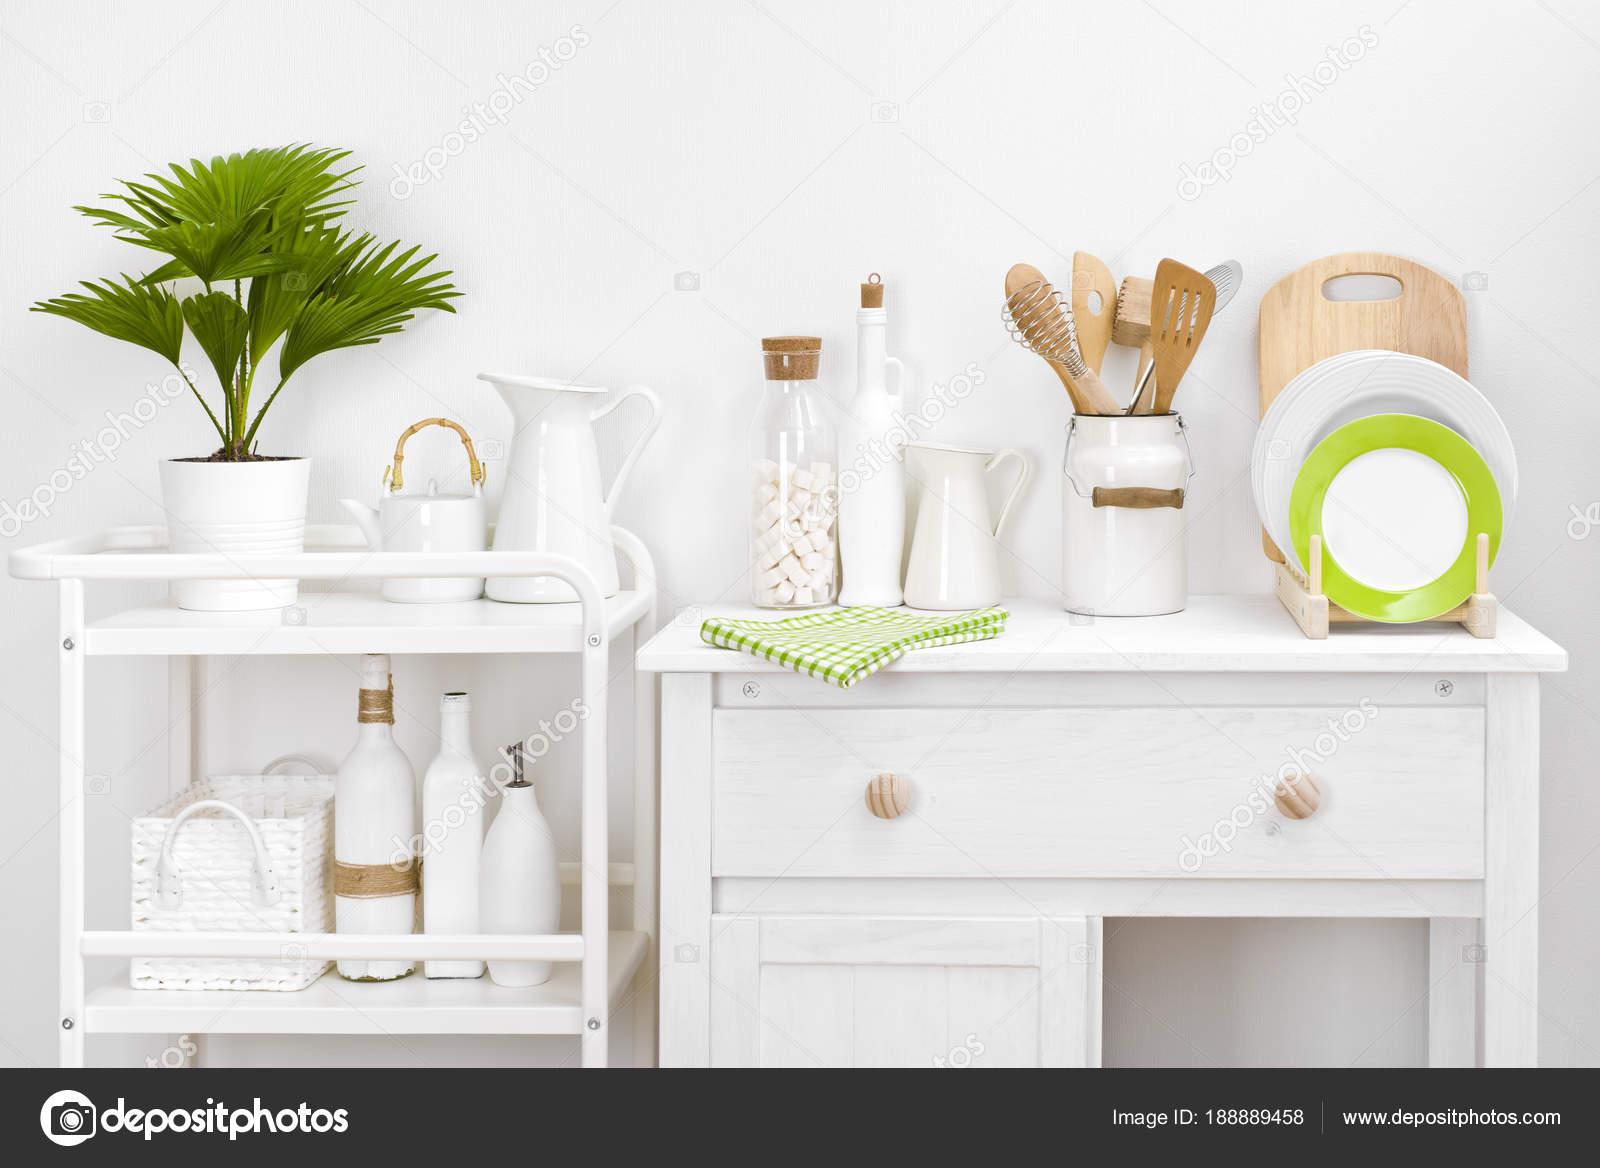 Verschiedene Küchengeräte Und Werkzeuge Mit Eleganten Weißen Vintage ...